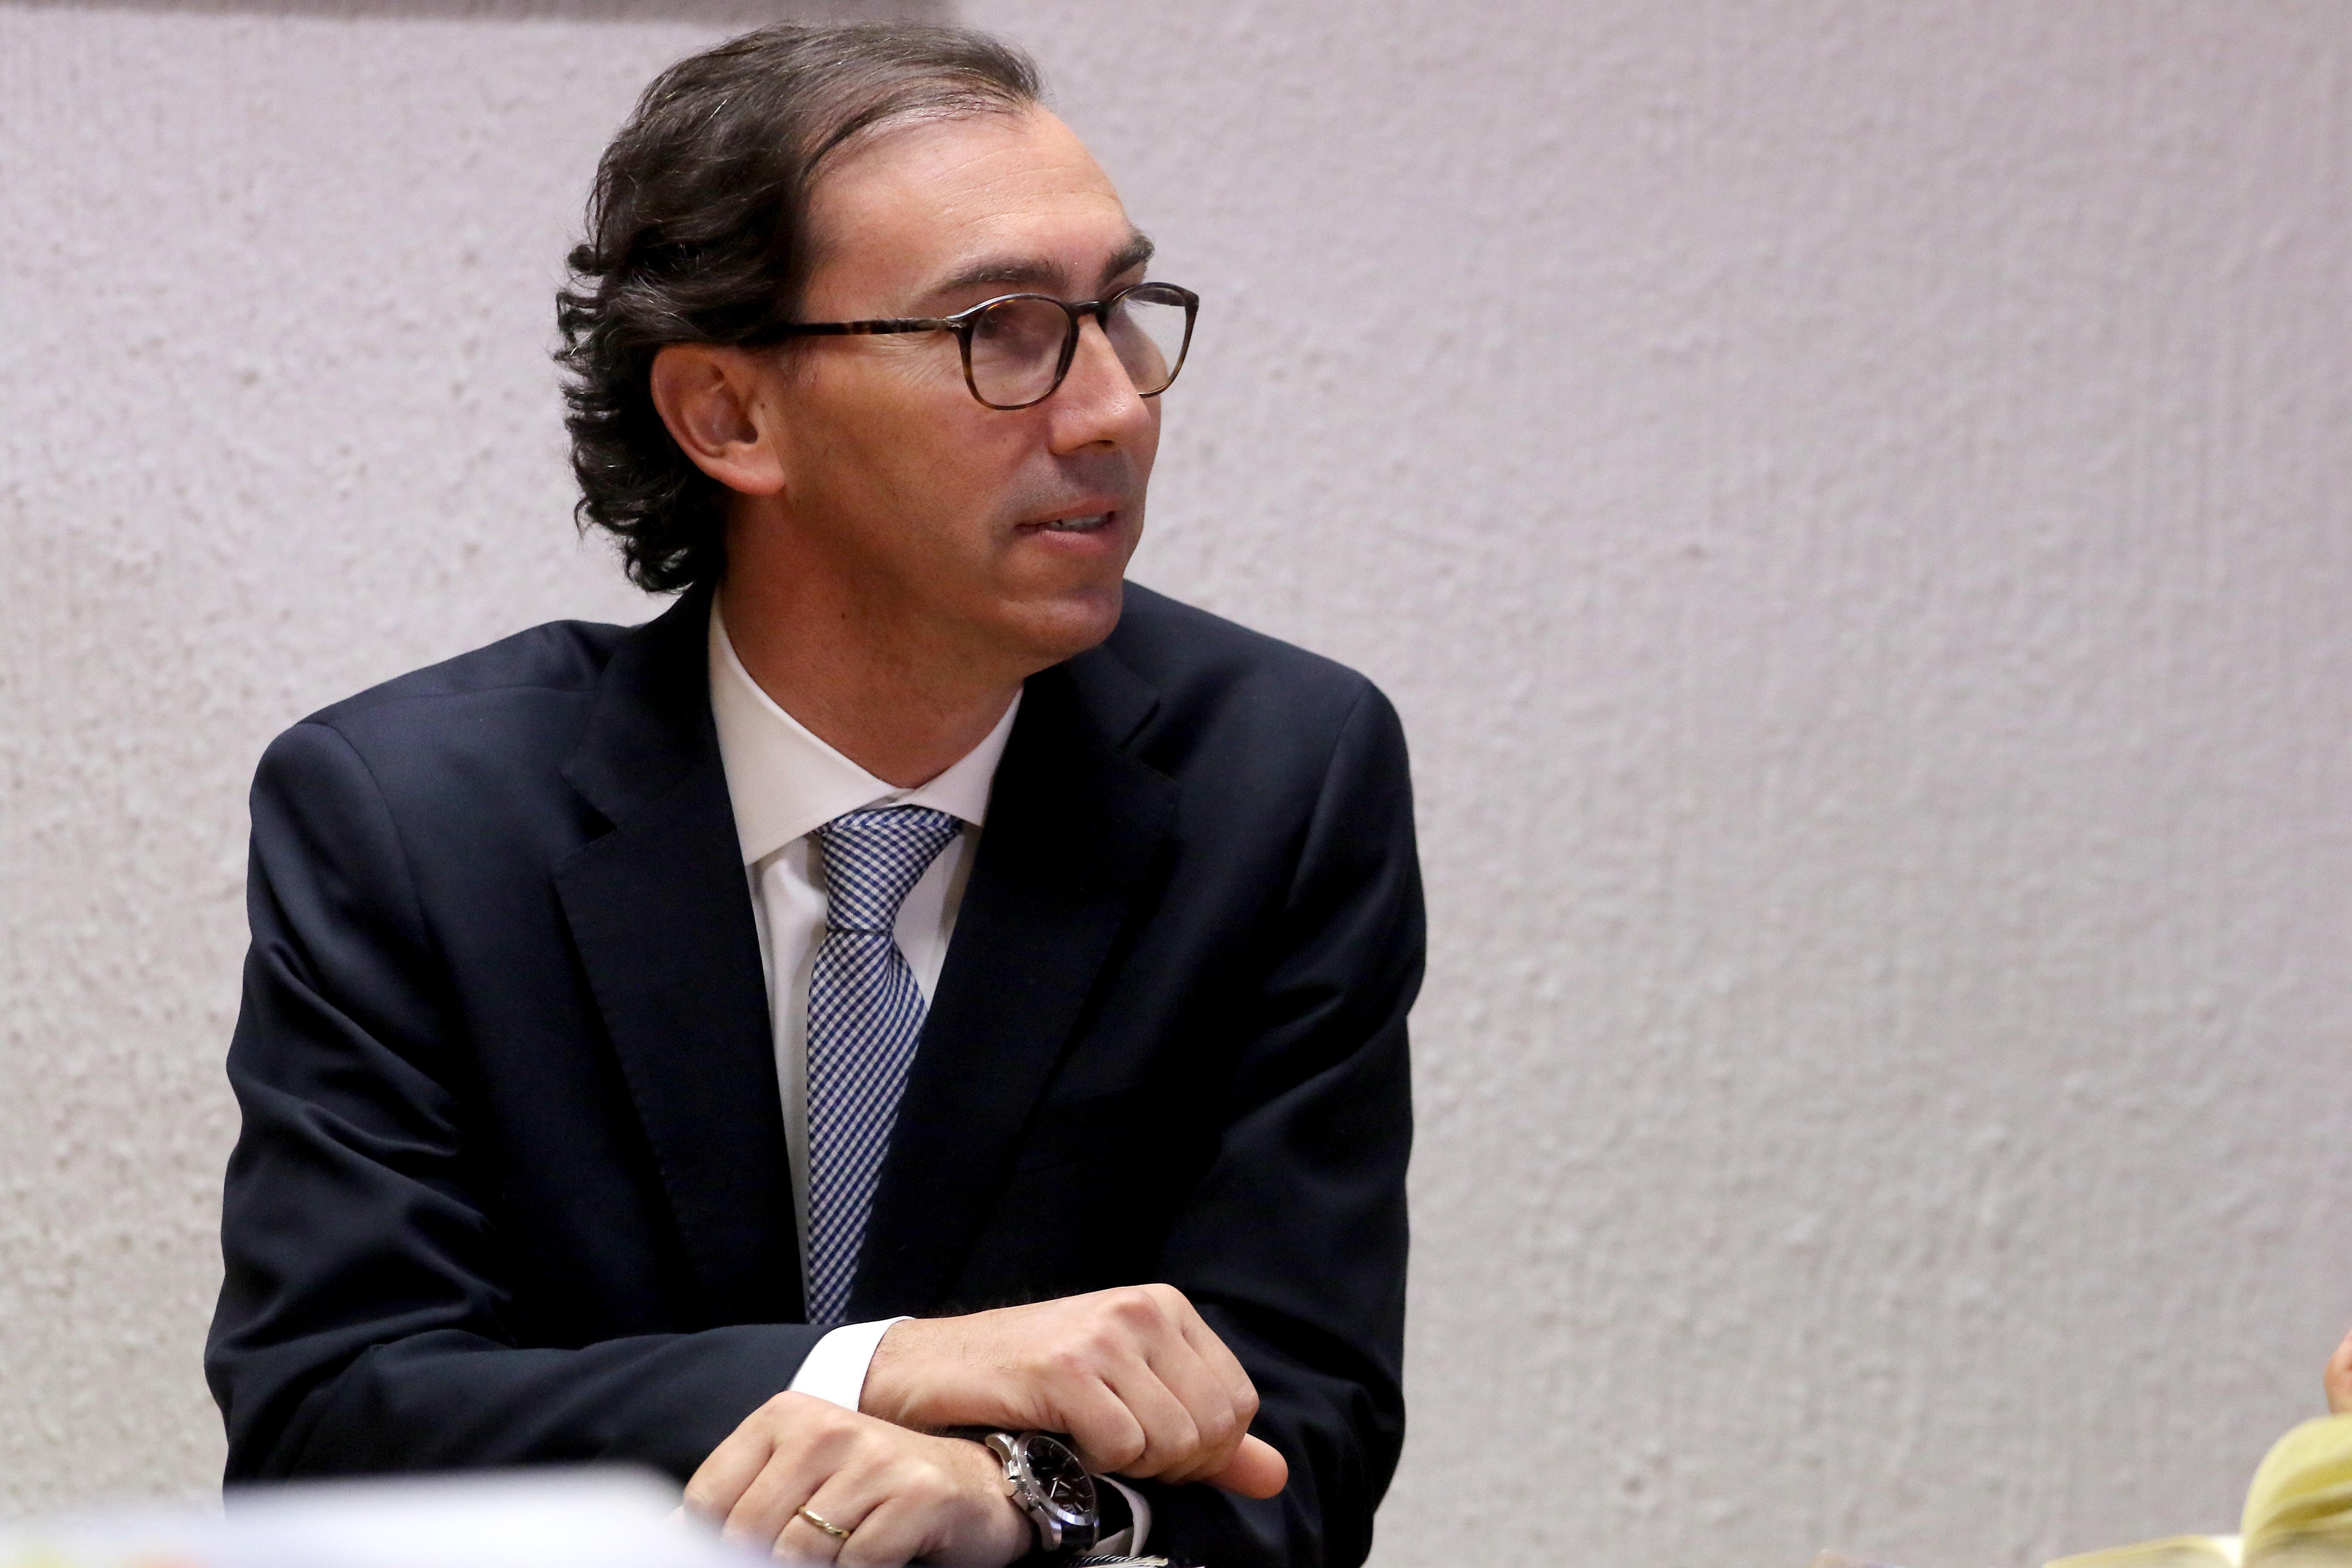 Raúl Figueroa deserción escolar gratuidad